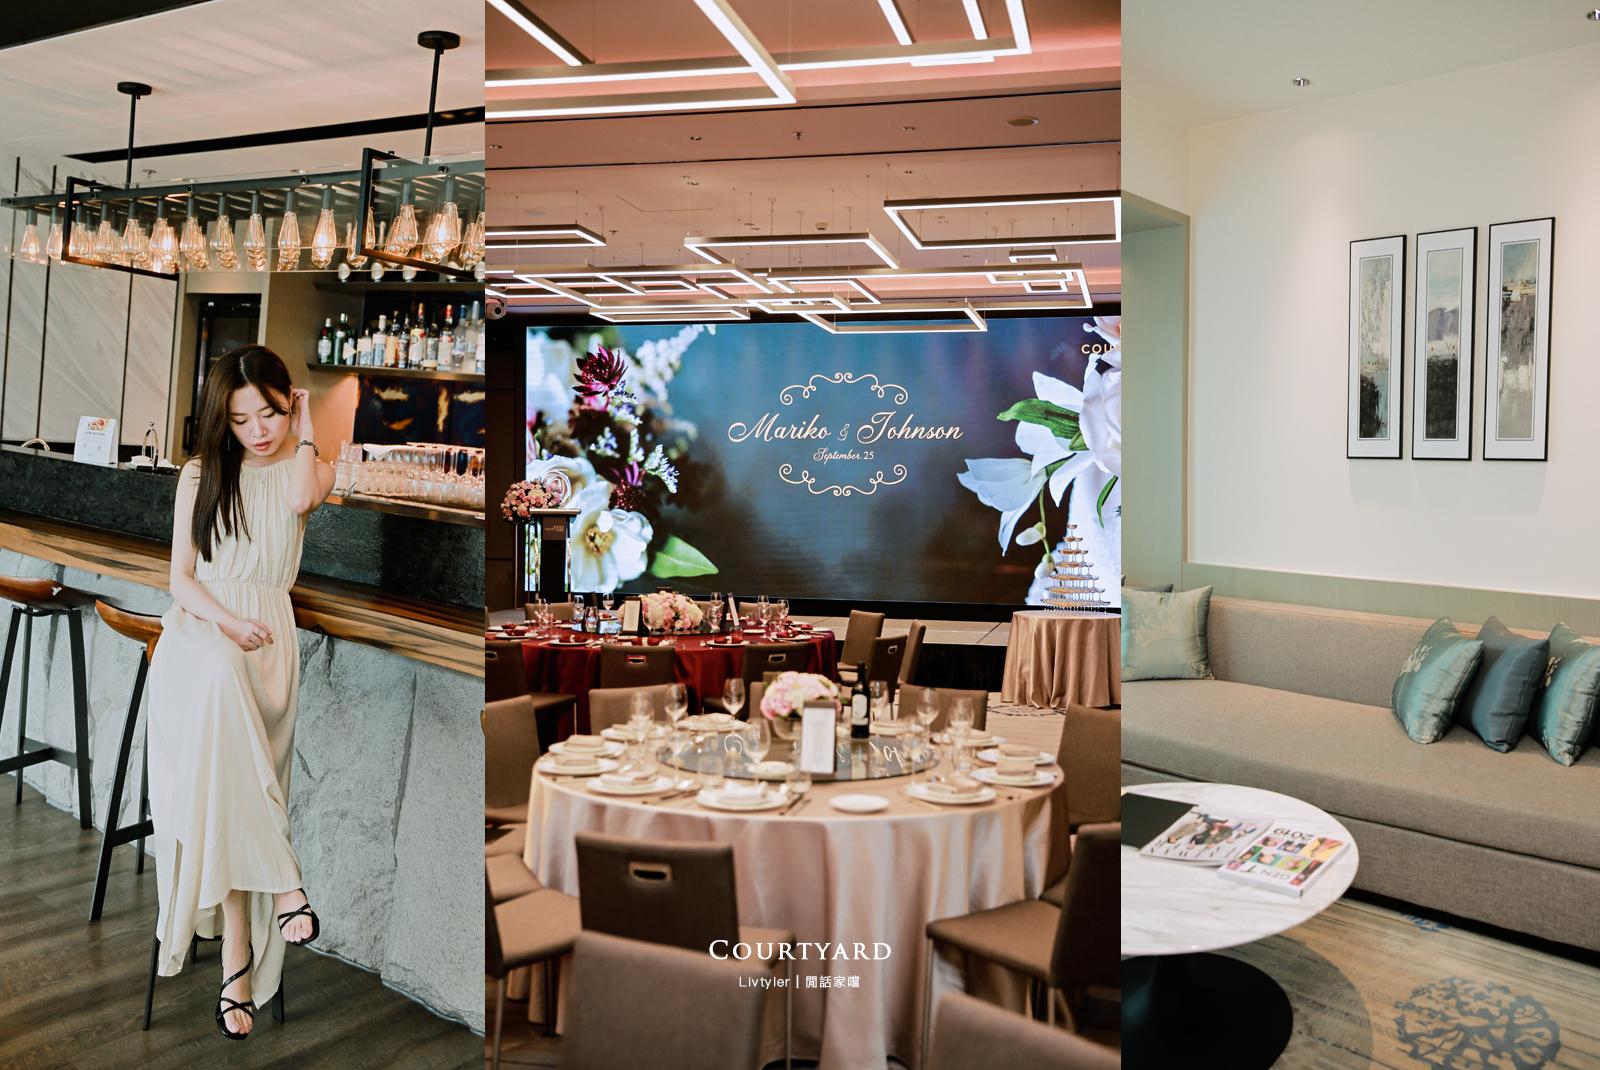 坐擁101美景的夢幻戶外證婚,小桌數全新首選5桌就可以辦婚宴,新穎的菜色設計令賓客吮指回味